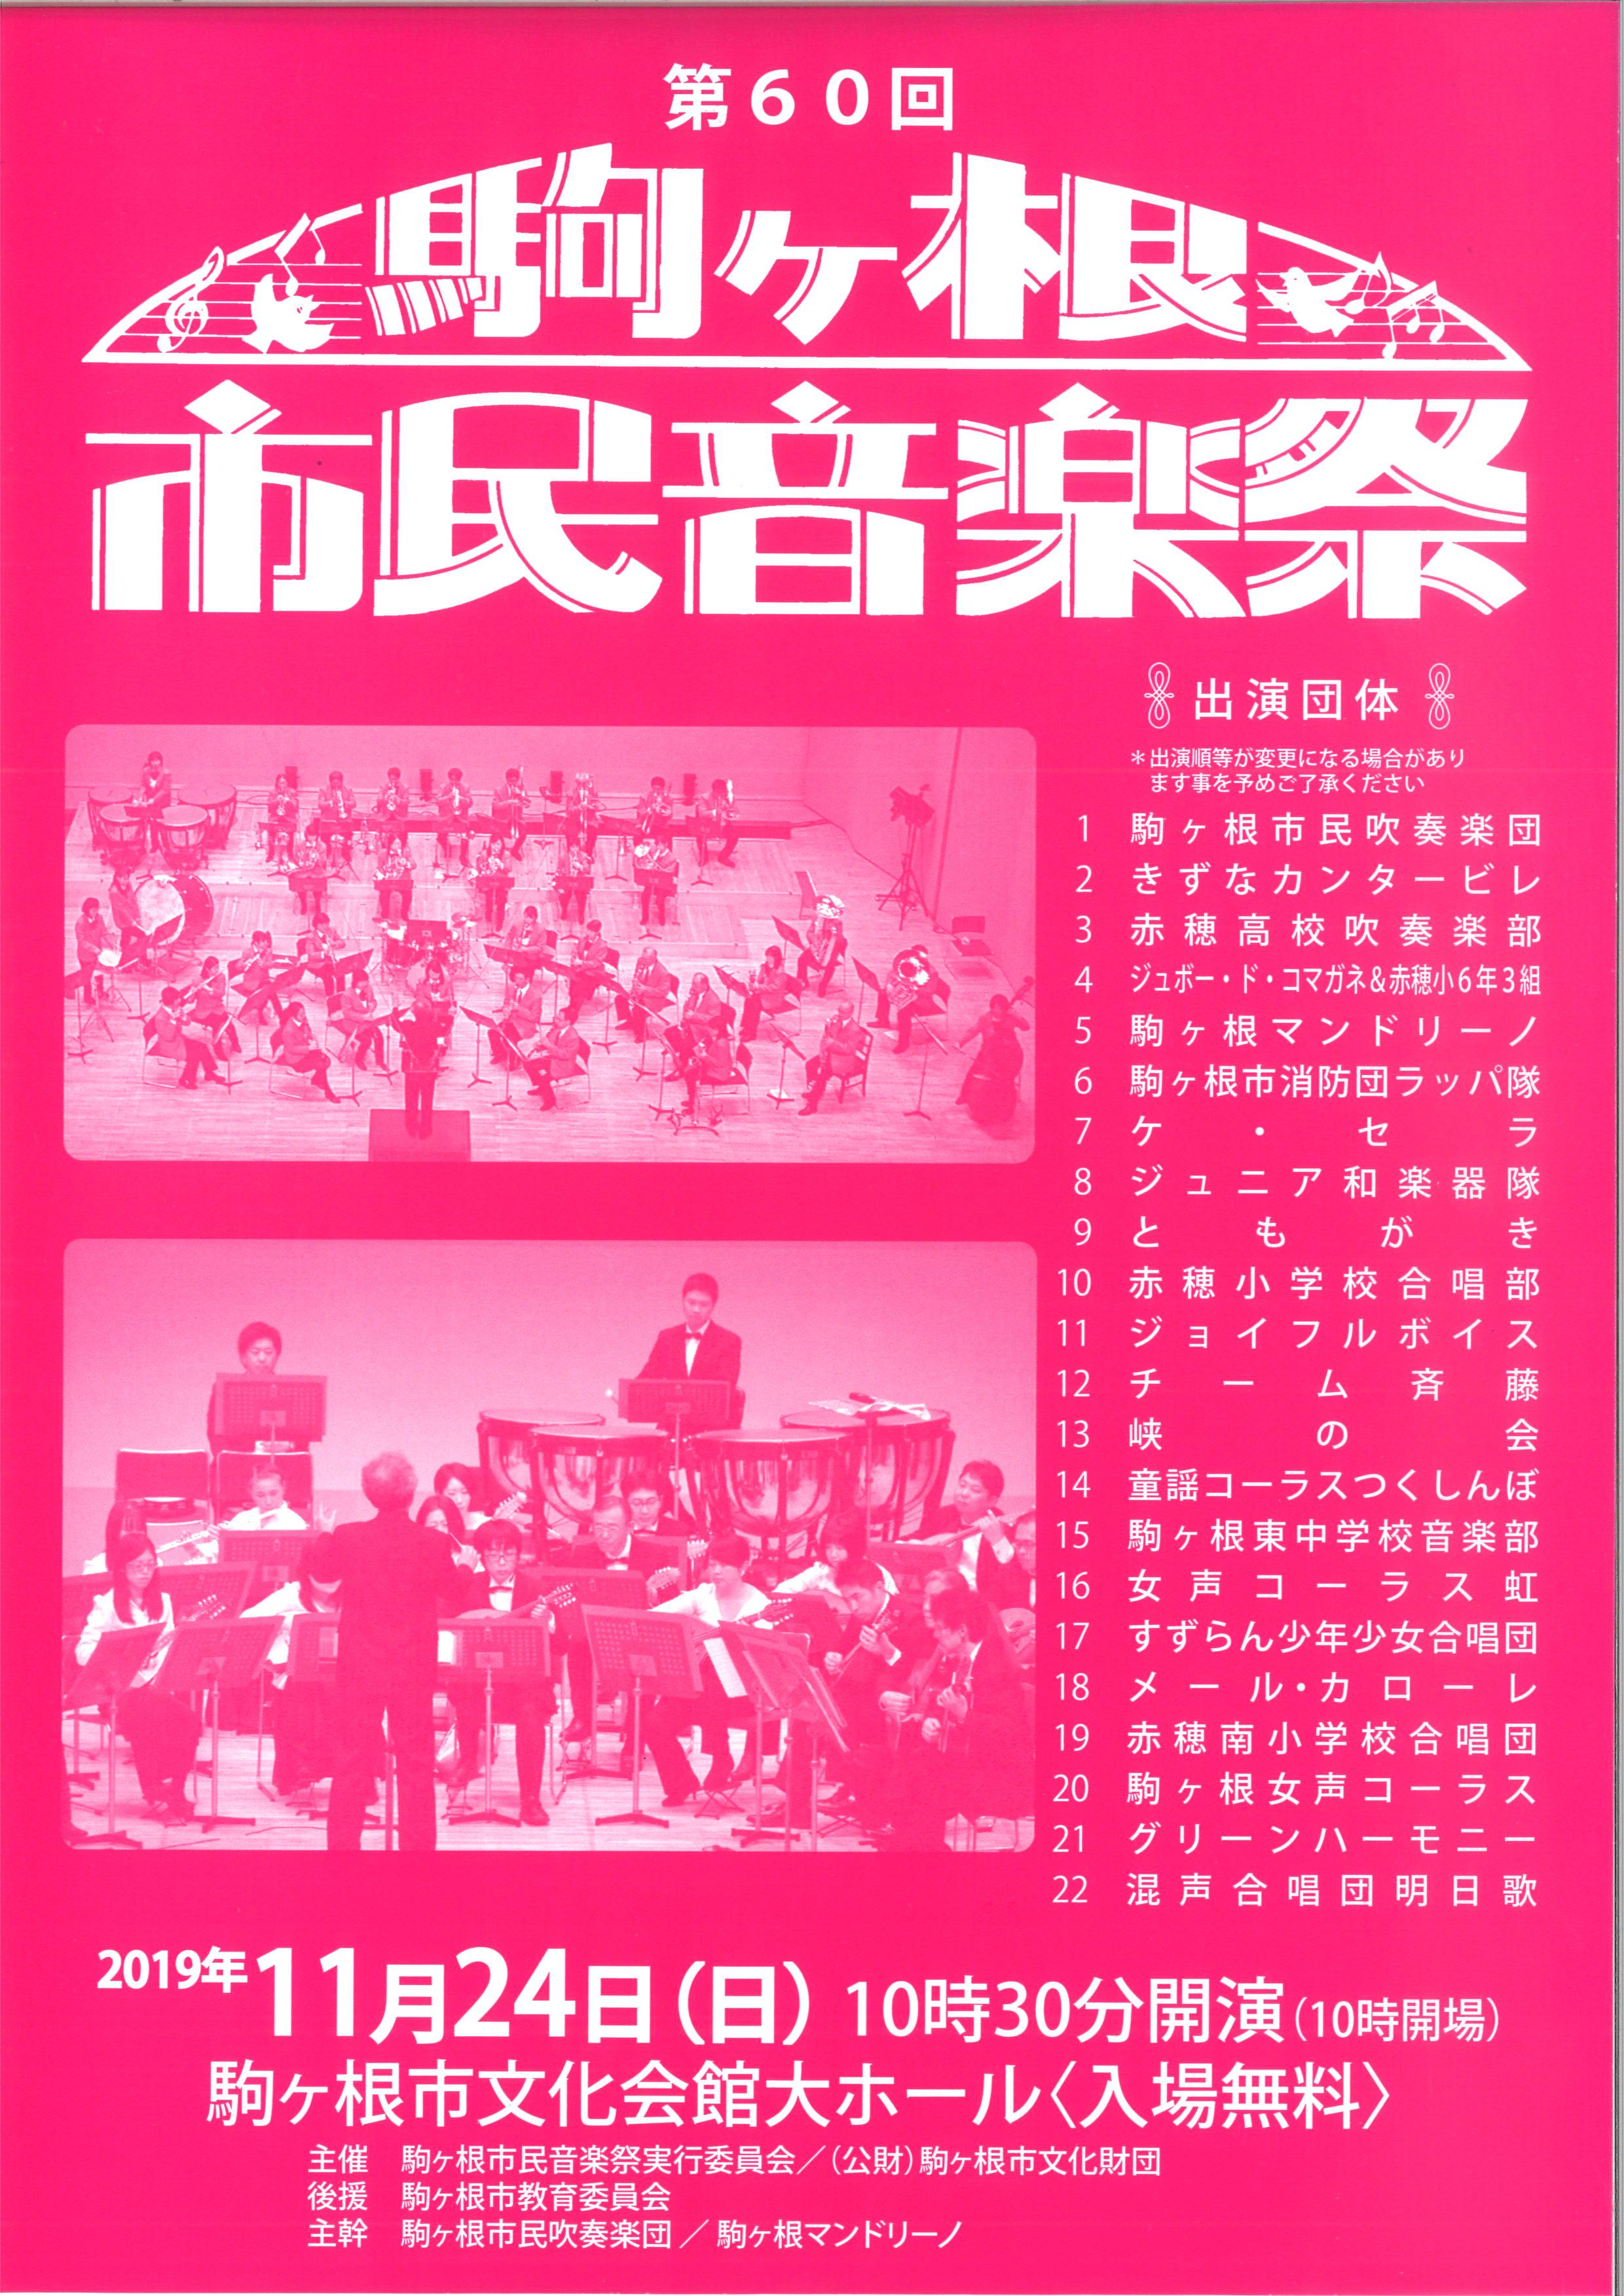 第60回駒ヶ根市民音楽祭